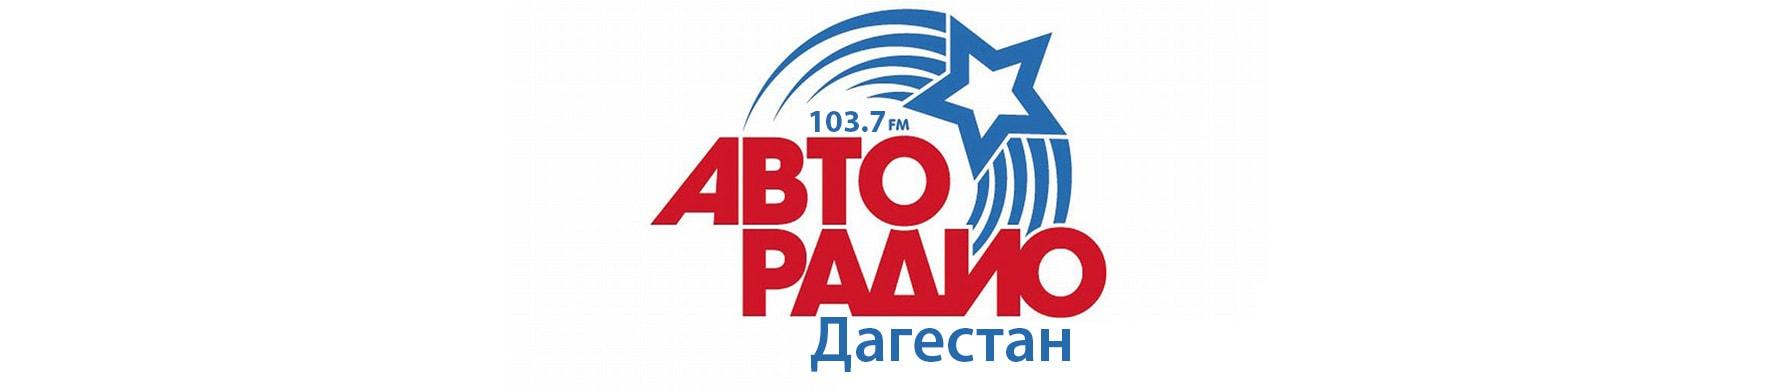 Реклама на радио в Дагестане Авто радио